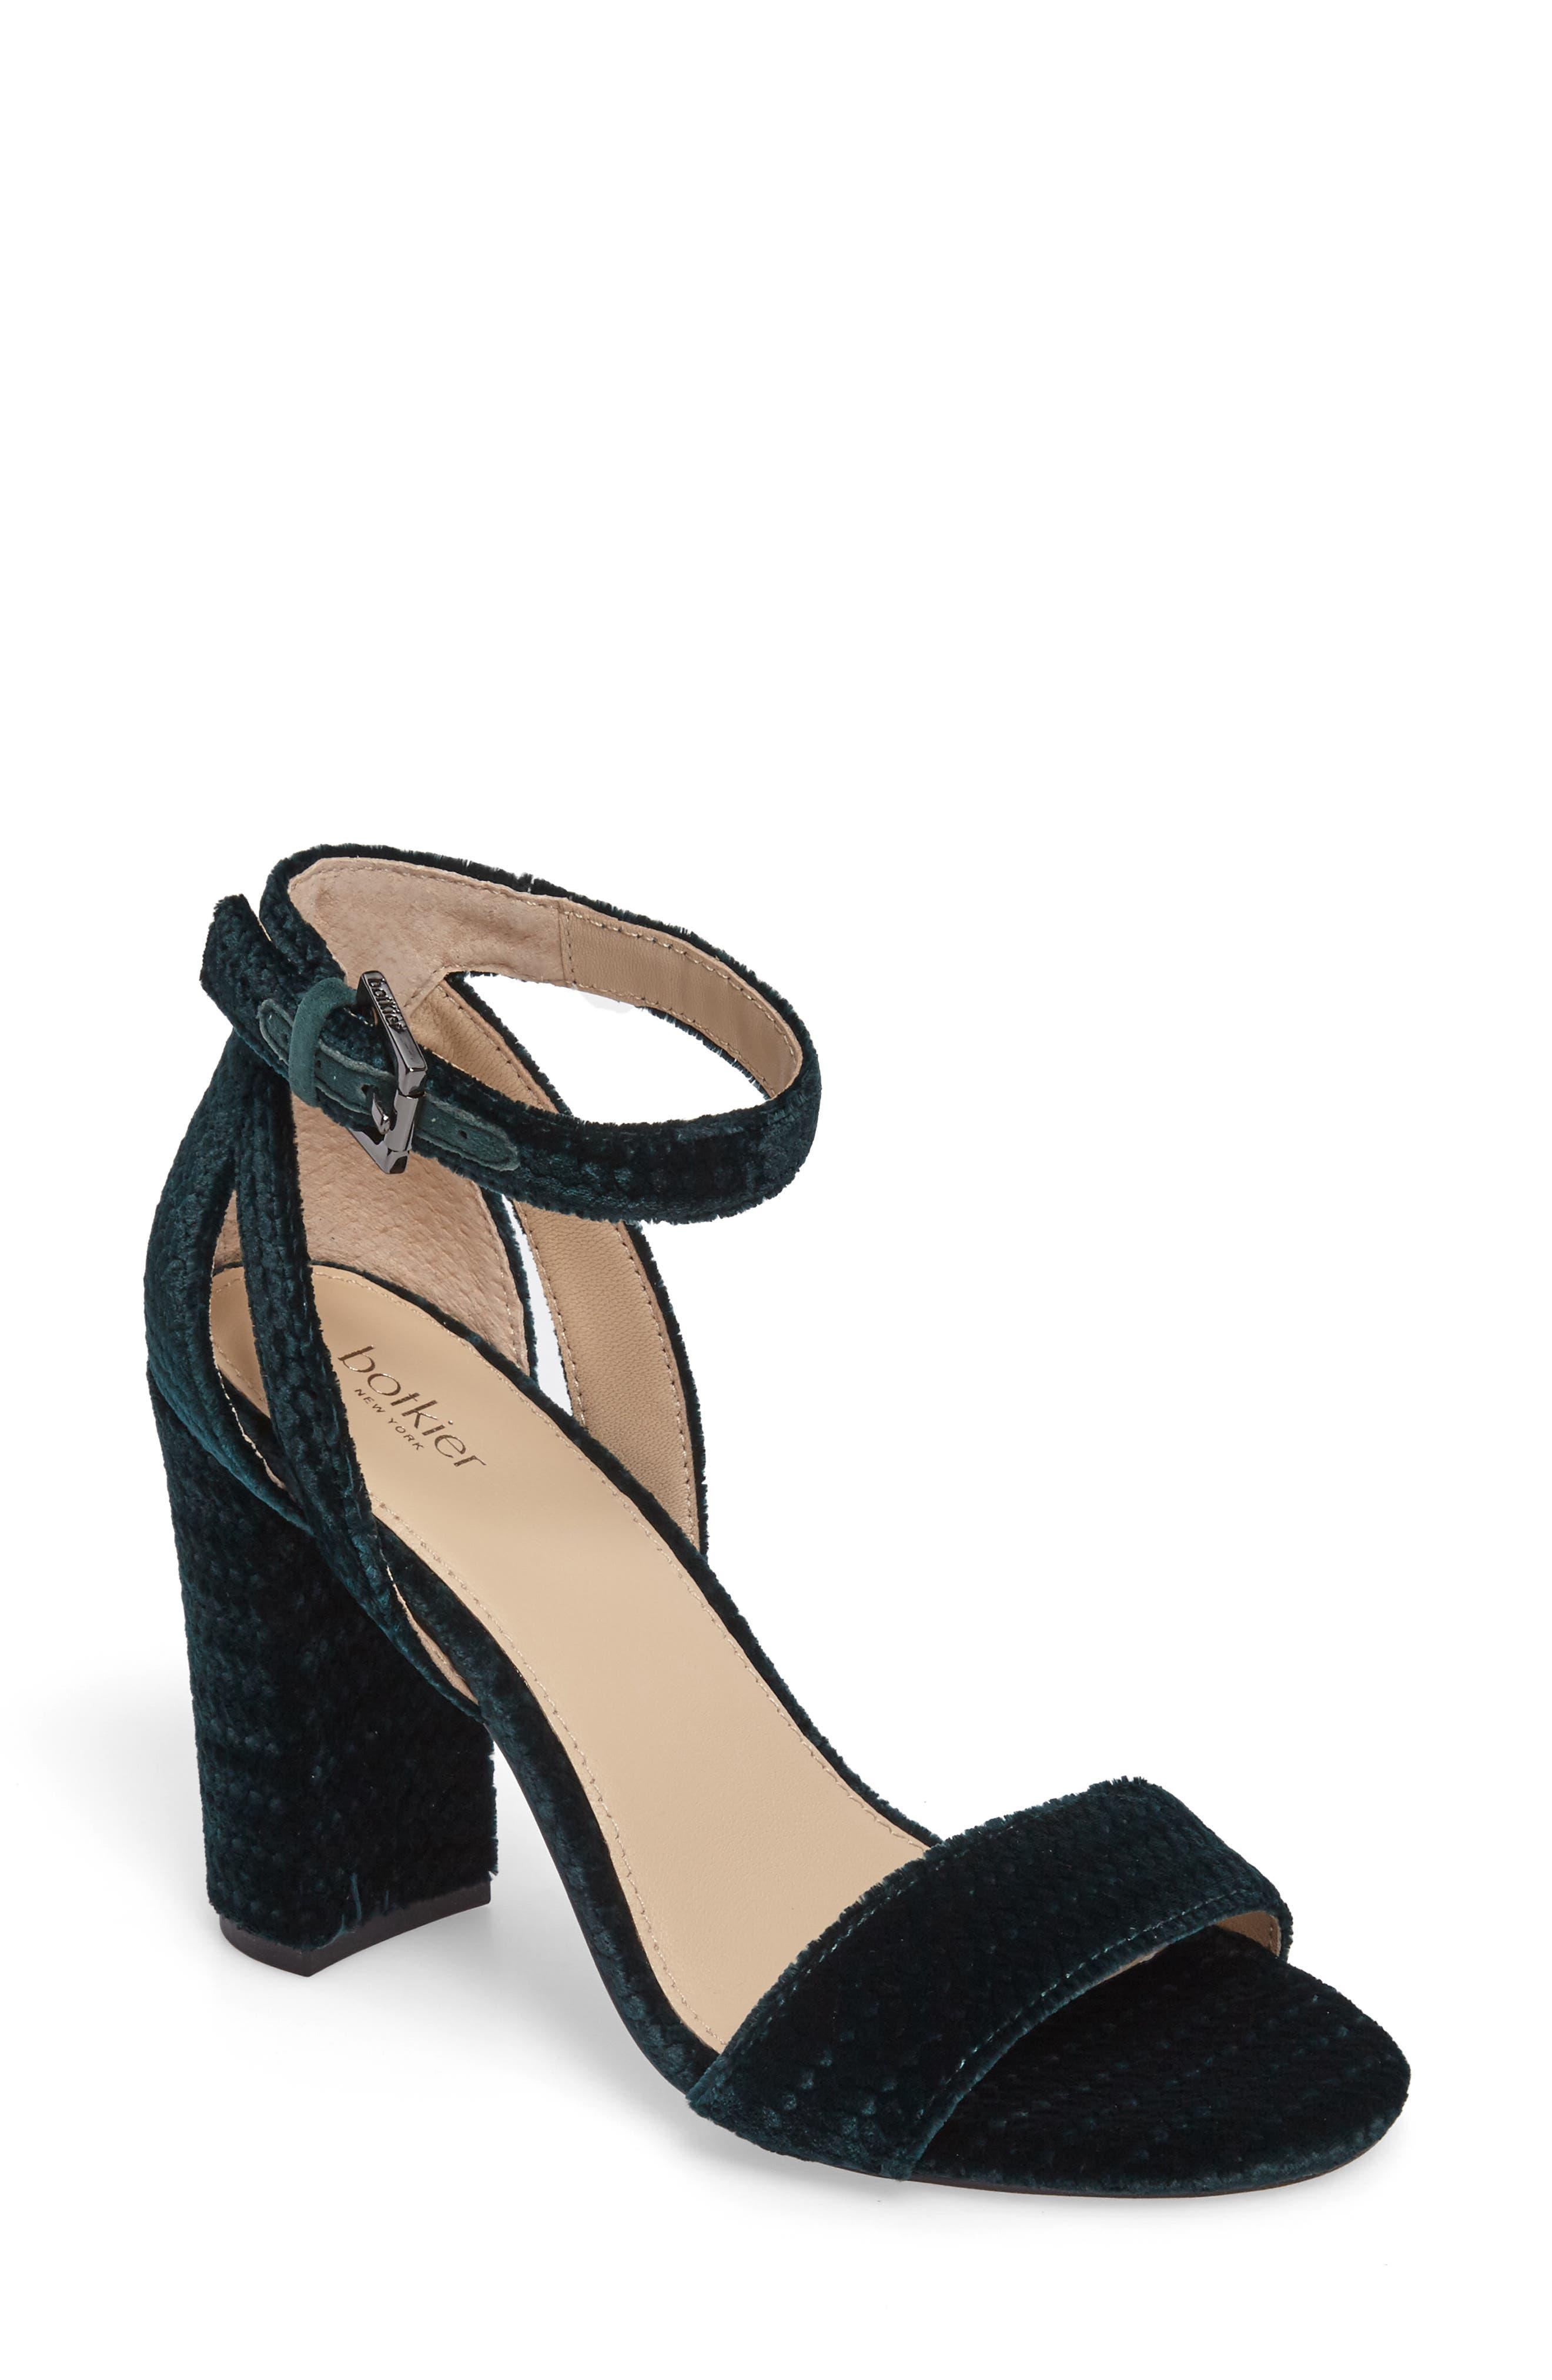 Gianna Ankle Strap Sandal,                             Main thumbnail 1, color,                             Emerald Velvet